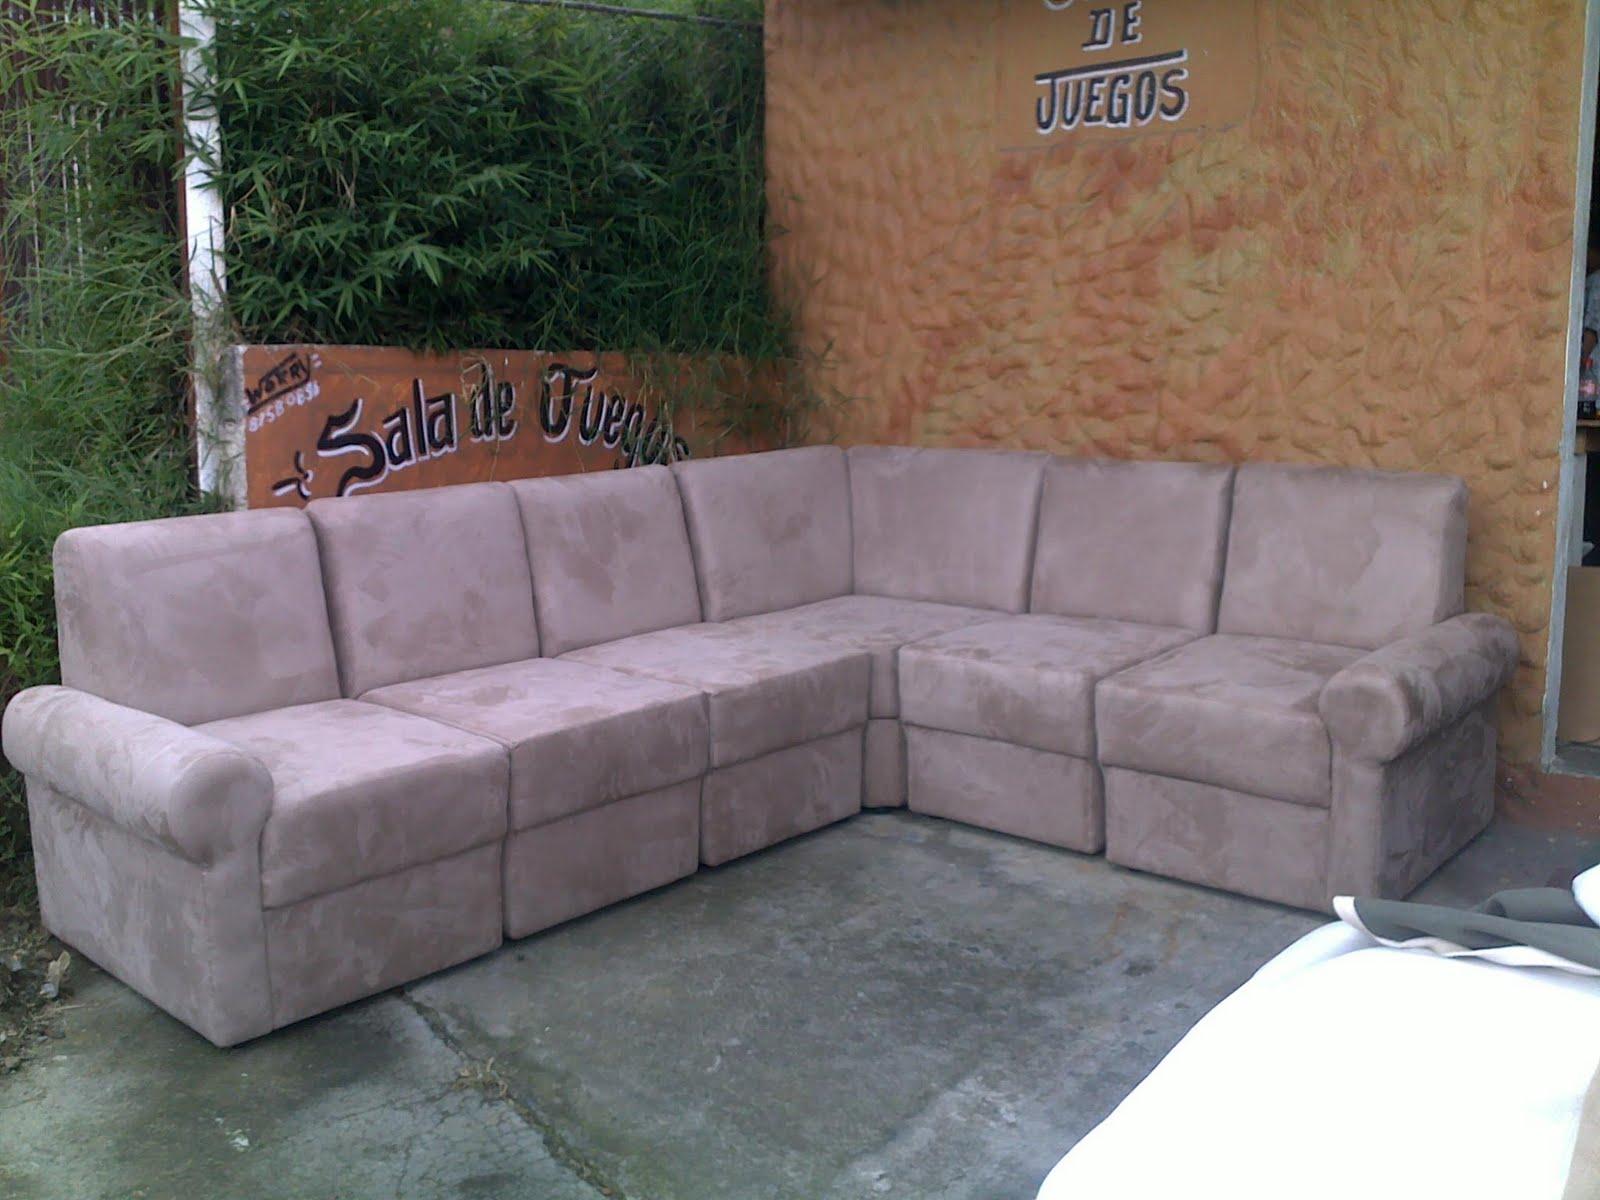 Fotos de muebles de sala esquineros - Imagenes de muebles esquineros ...